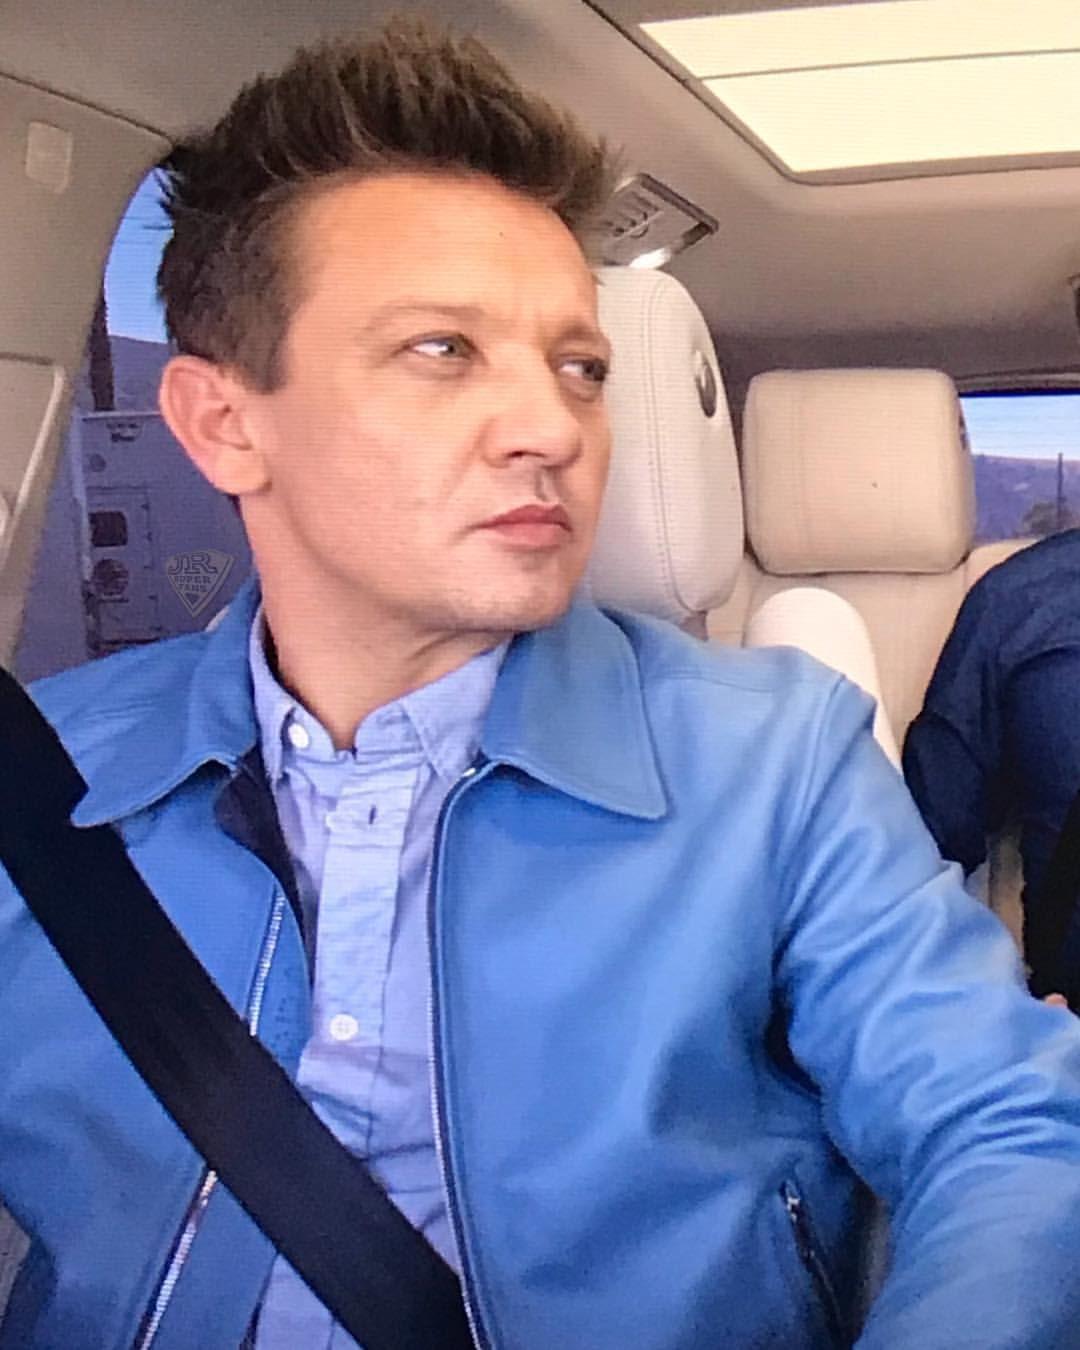 The Apple TV App — Carpool Karaoke — Stars of 'Tag